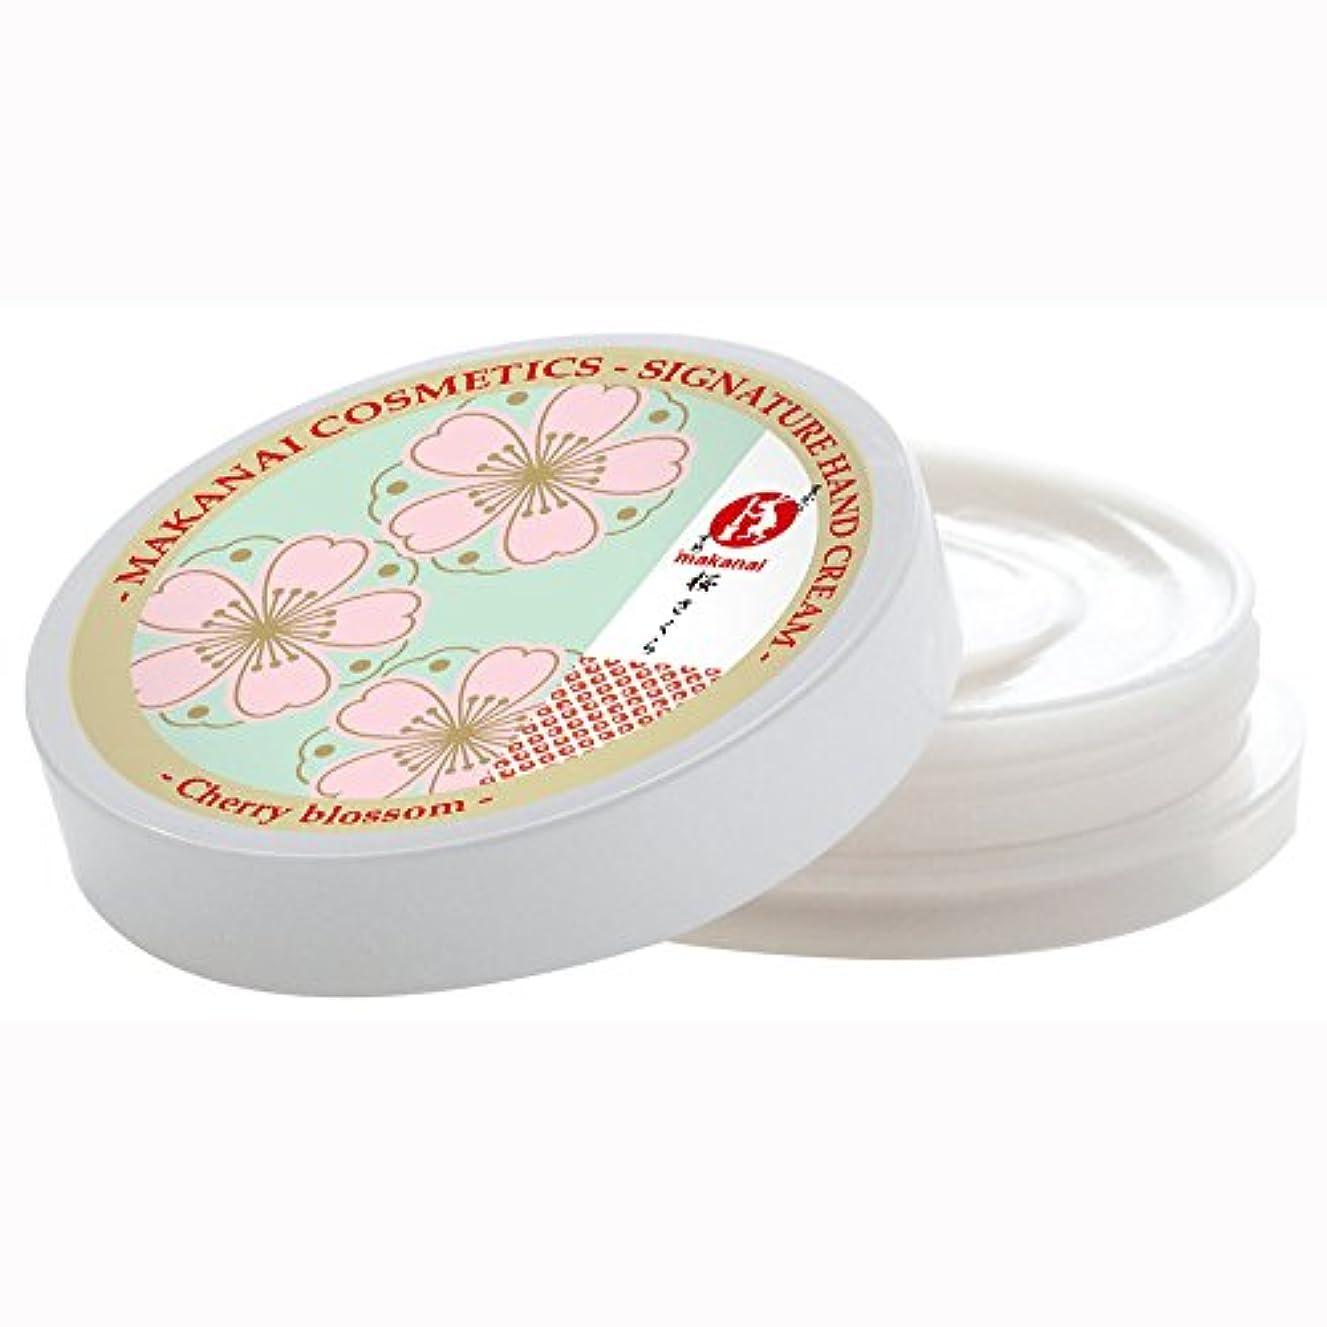 アクセサリー菊花束まかないこすめ 四季折々 絶妙レシピのハンドクリーム(桜)